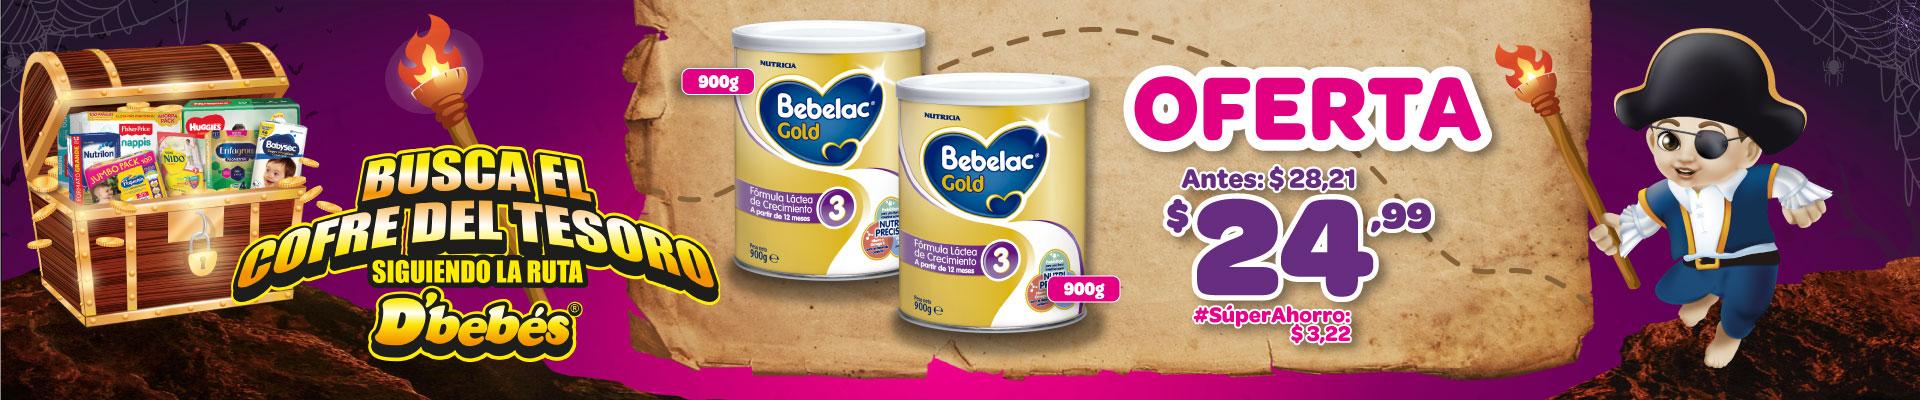 BANNER PACK BEBELAC GOLD 3 900GR 900GR 3